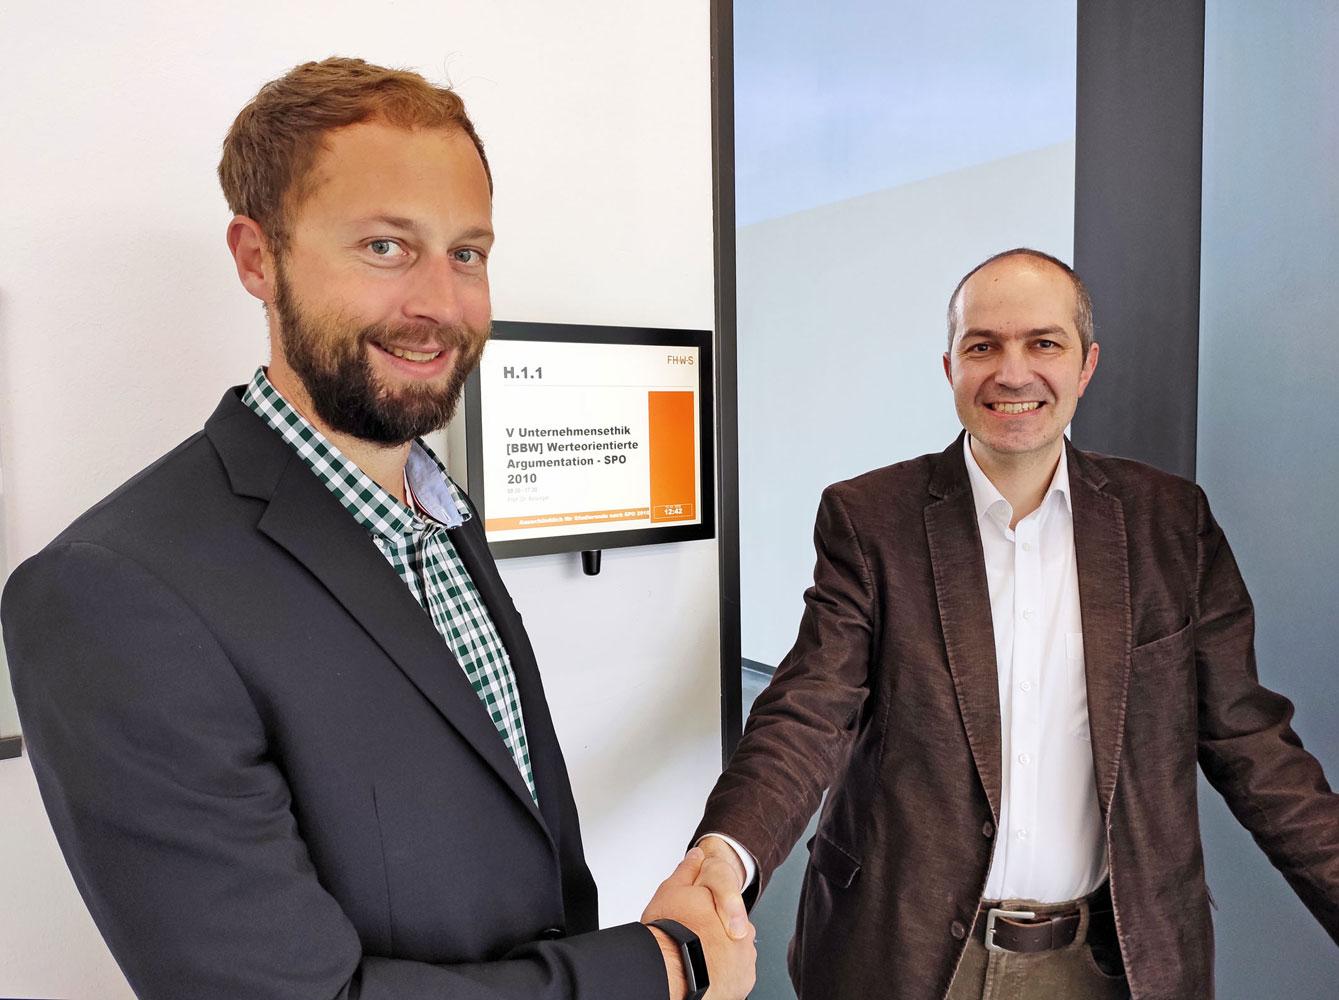 Herausgeber Dr. Genders (IHK) und Mitautor Prof. Dr. Bolsinger (FHWS) – Foto: Weinhold